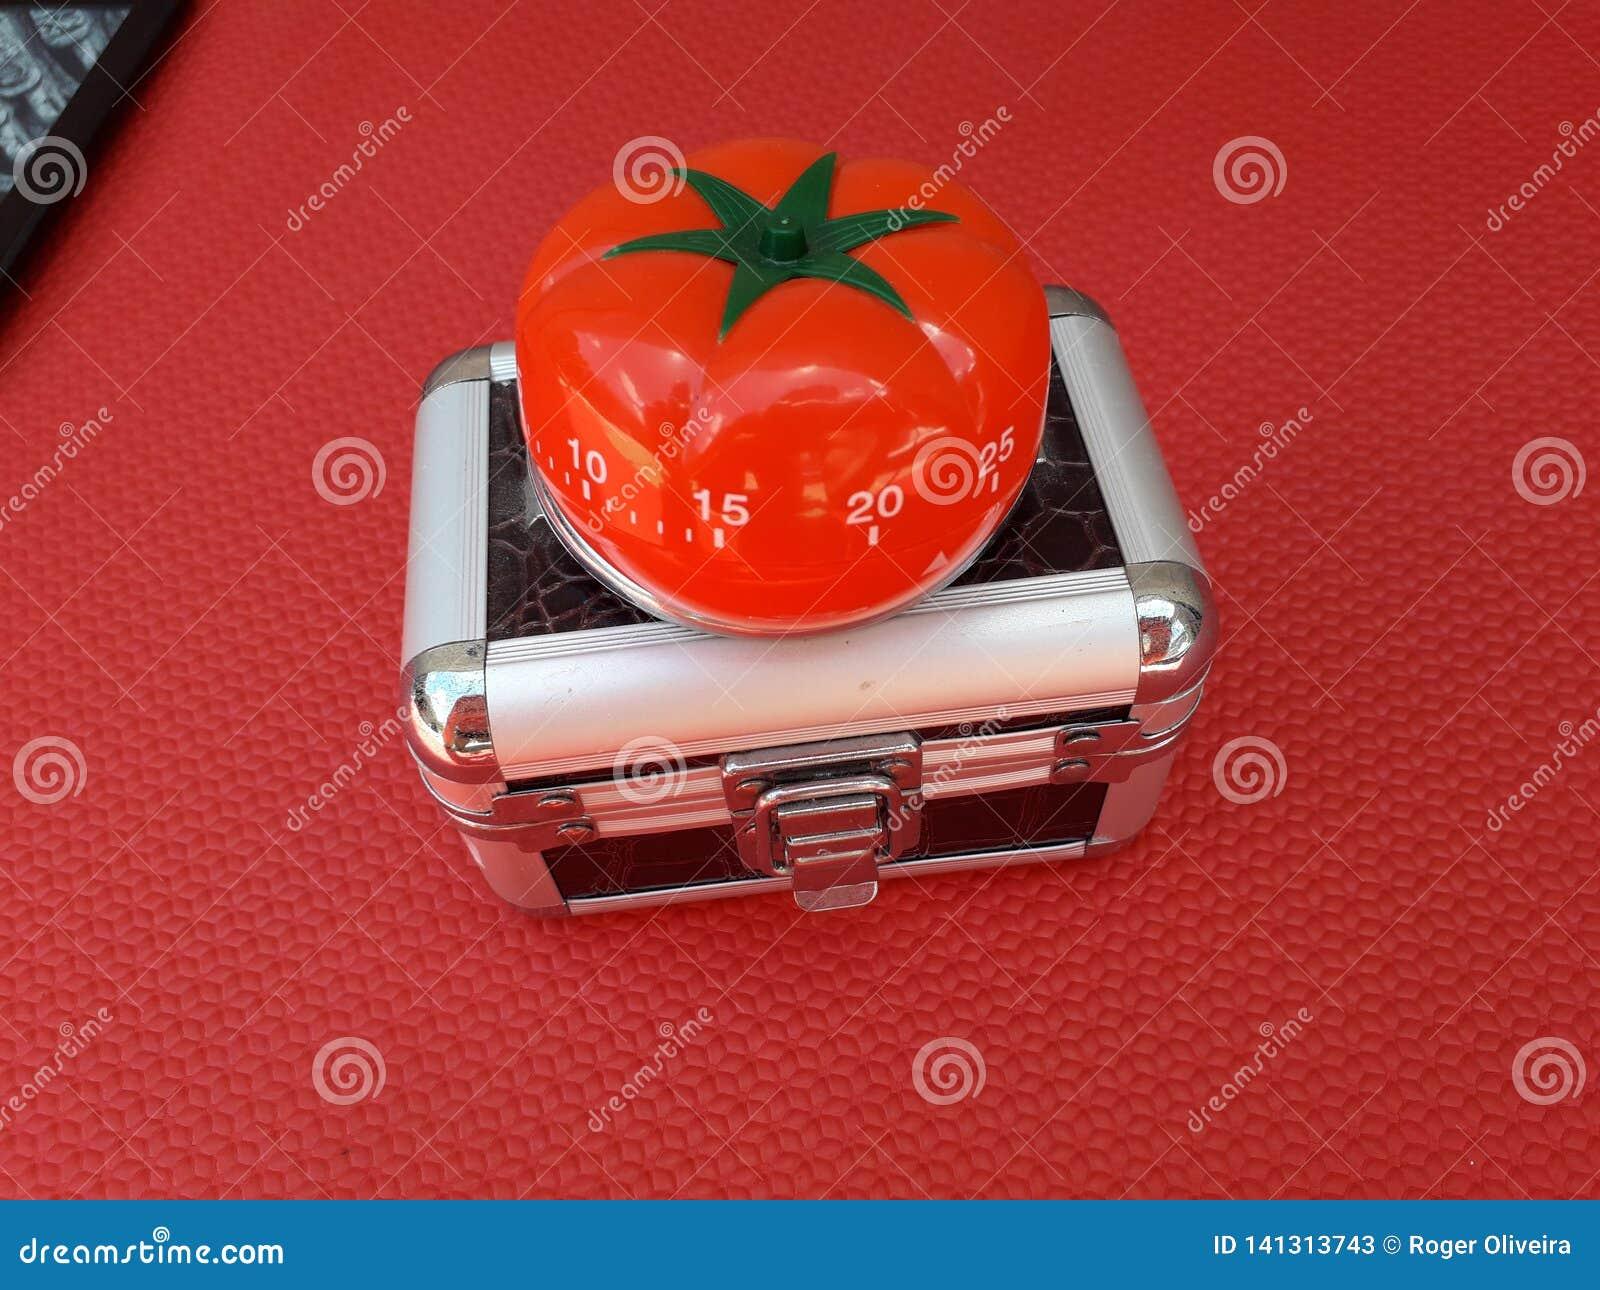 Таймер Pomodoro - таймер кухни механического томата форменный для варить или изучать